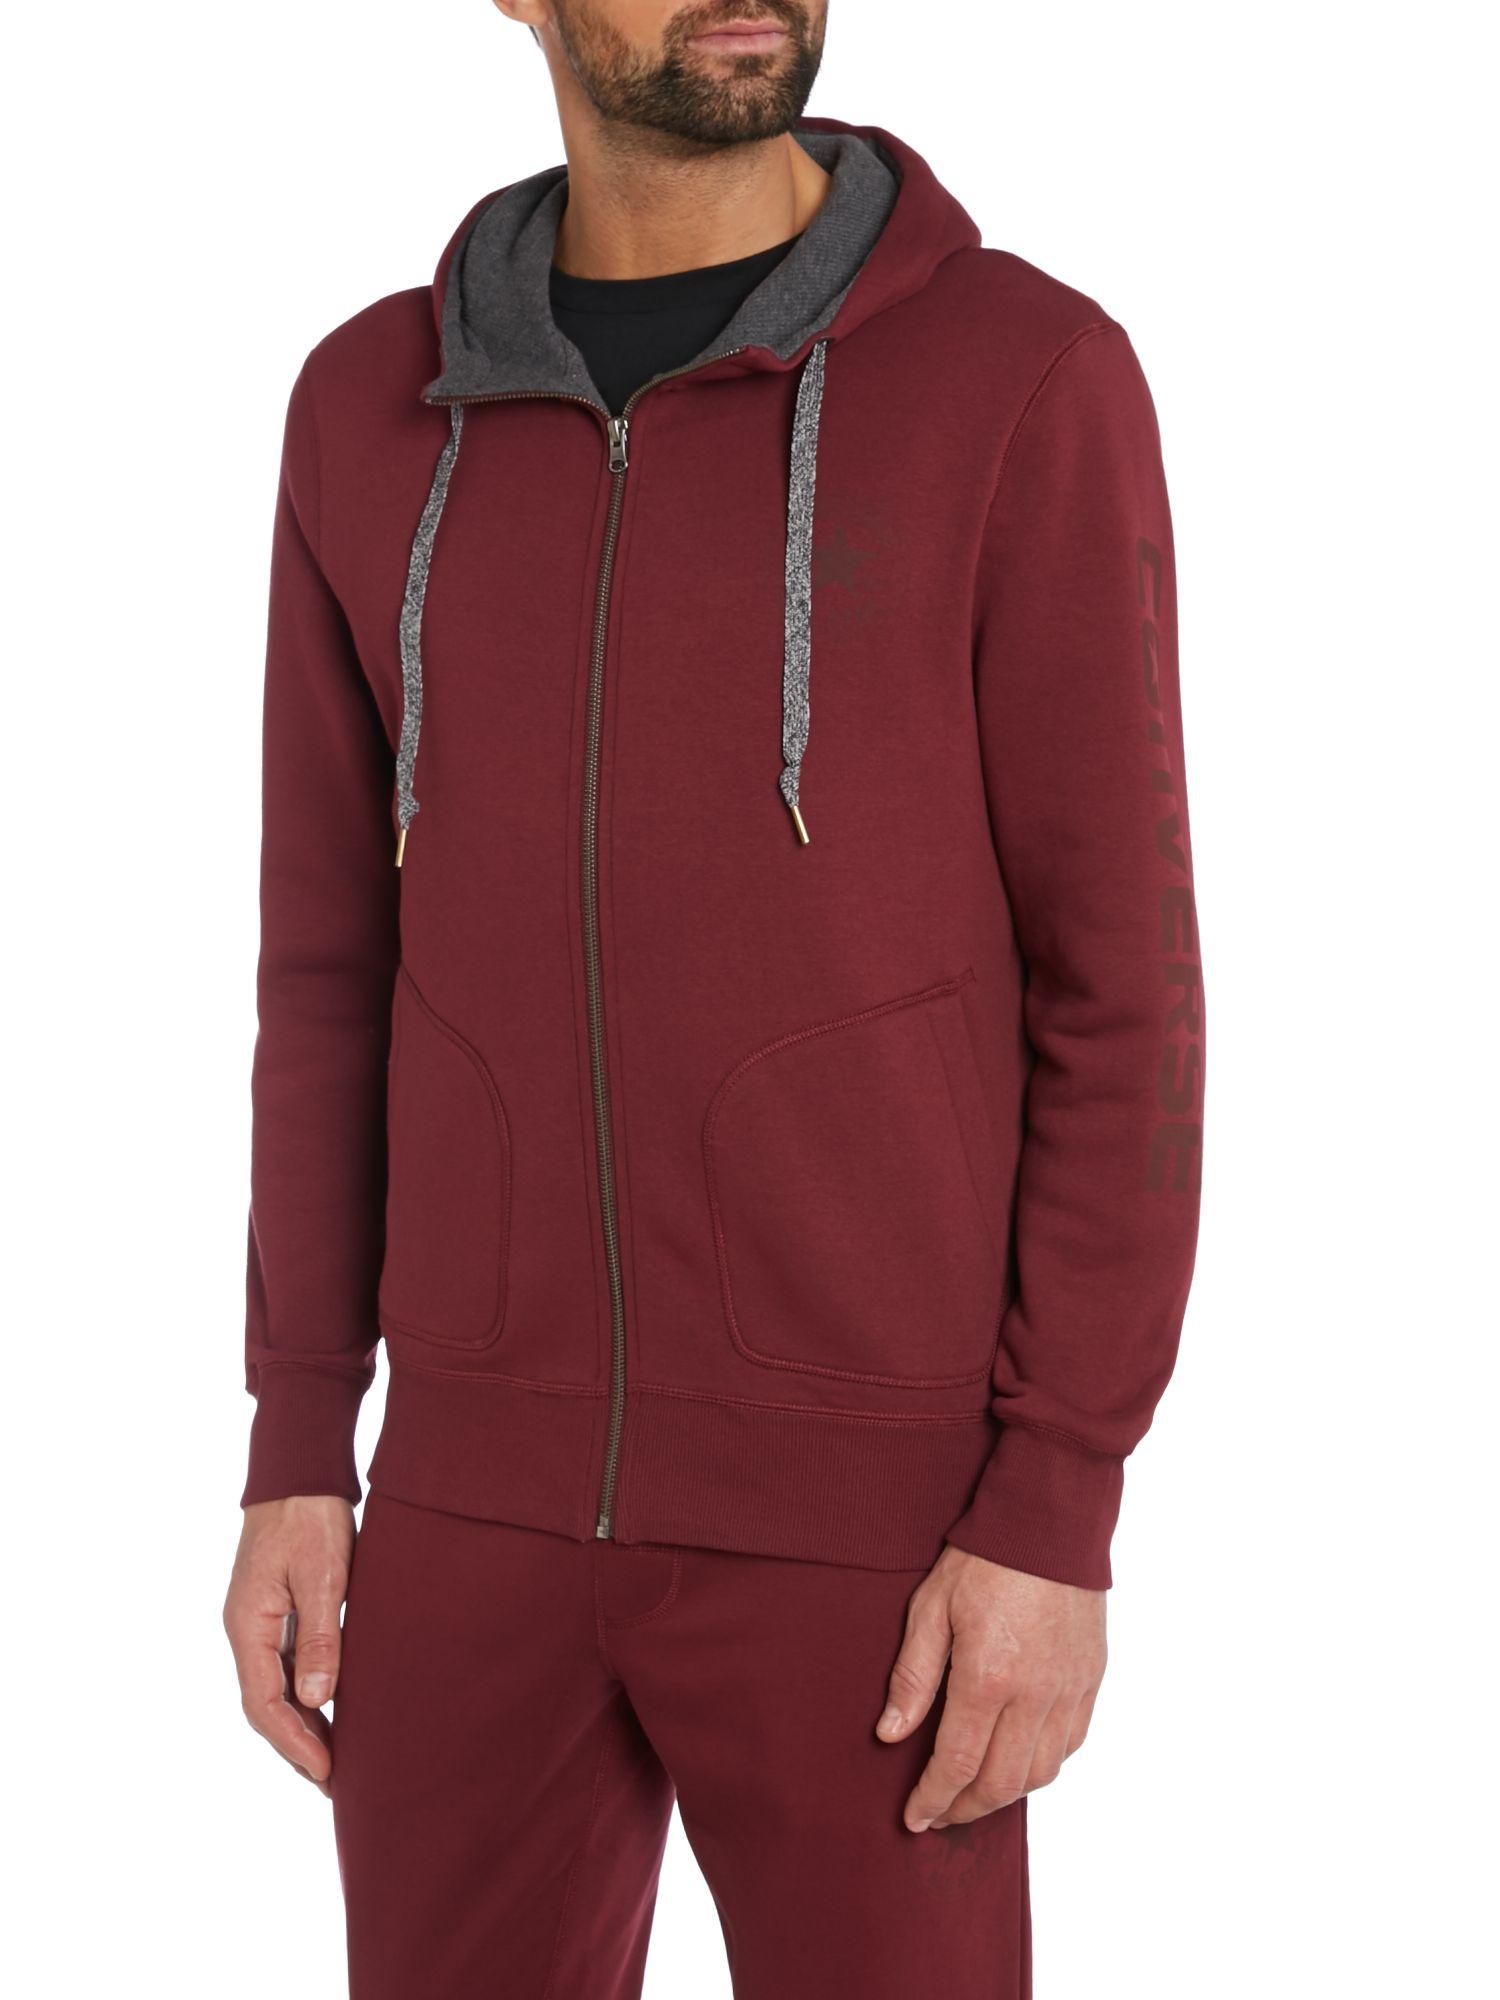 Fleece Zip Up Hoodie - Trendy Clothes